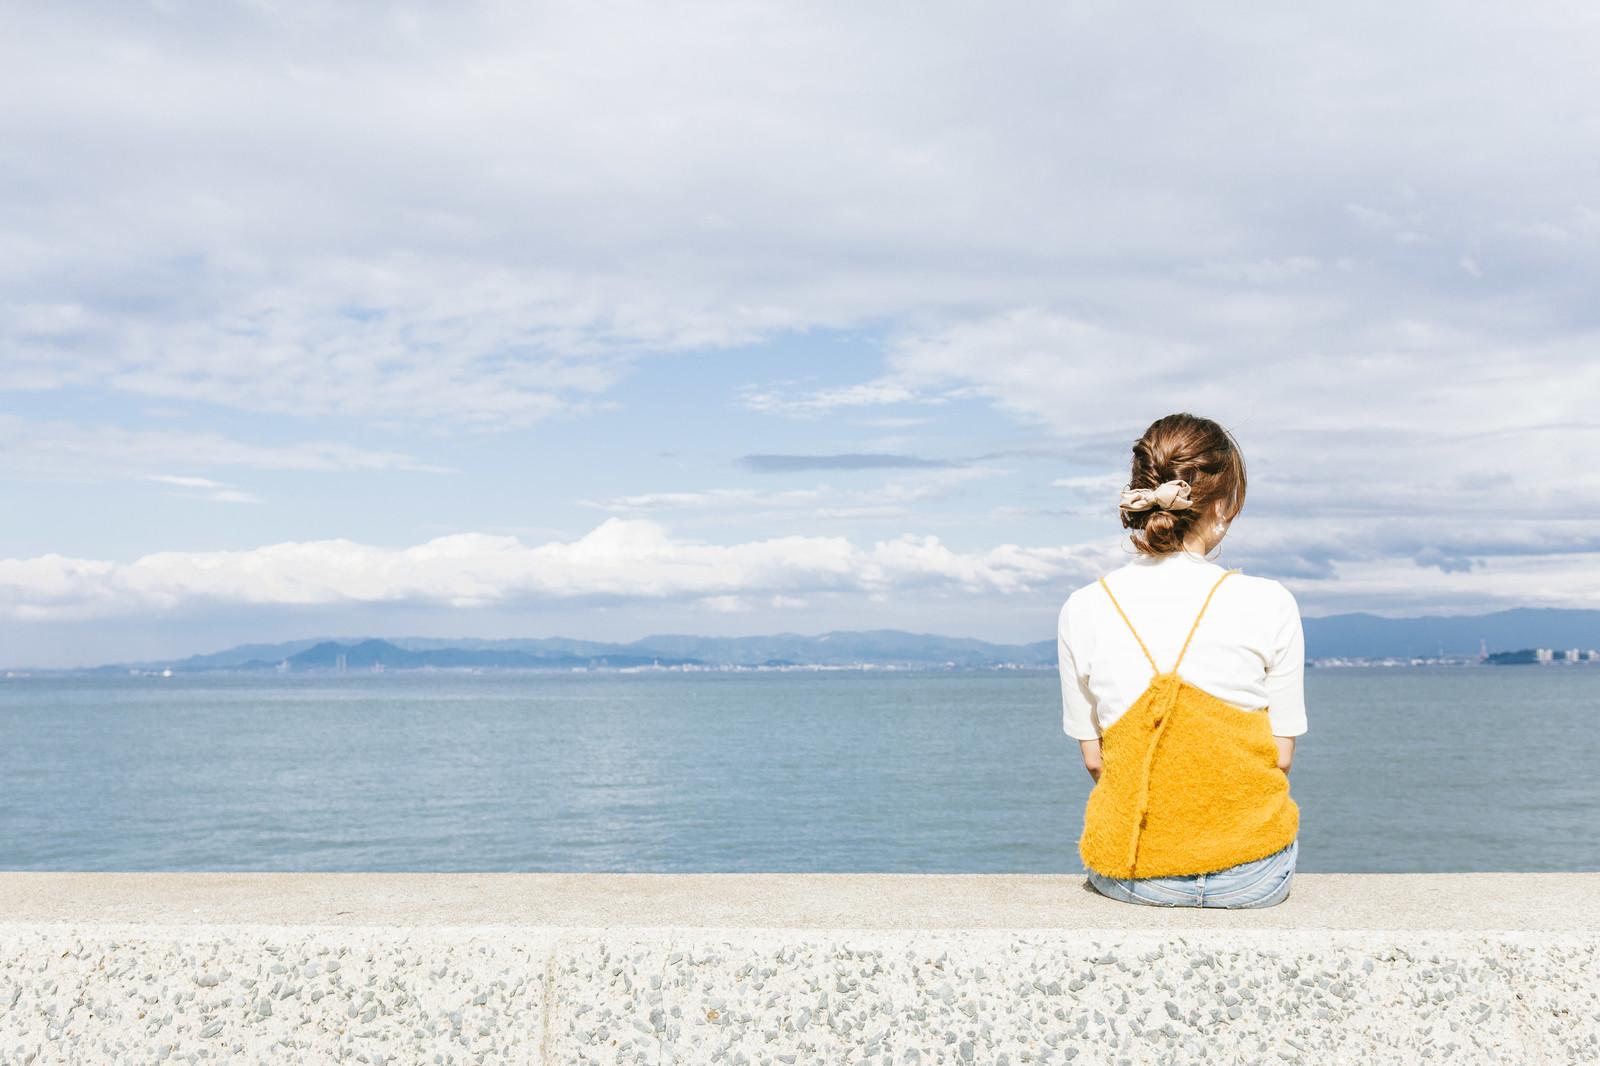 富津の観光ならココ!おすすめスポットや子供に人気の所などまとめ!